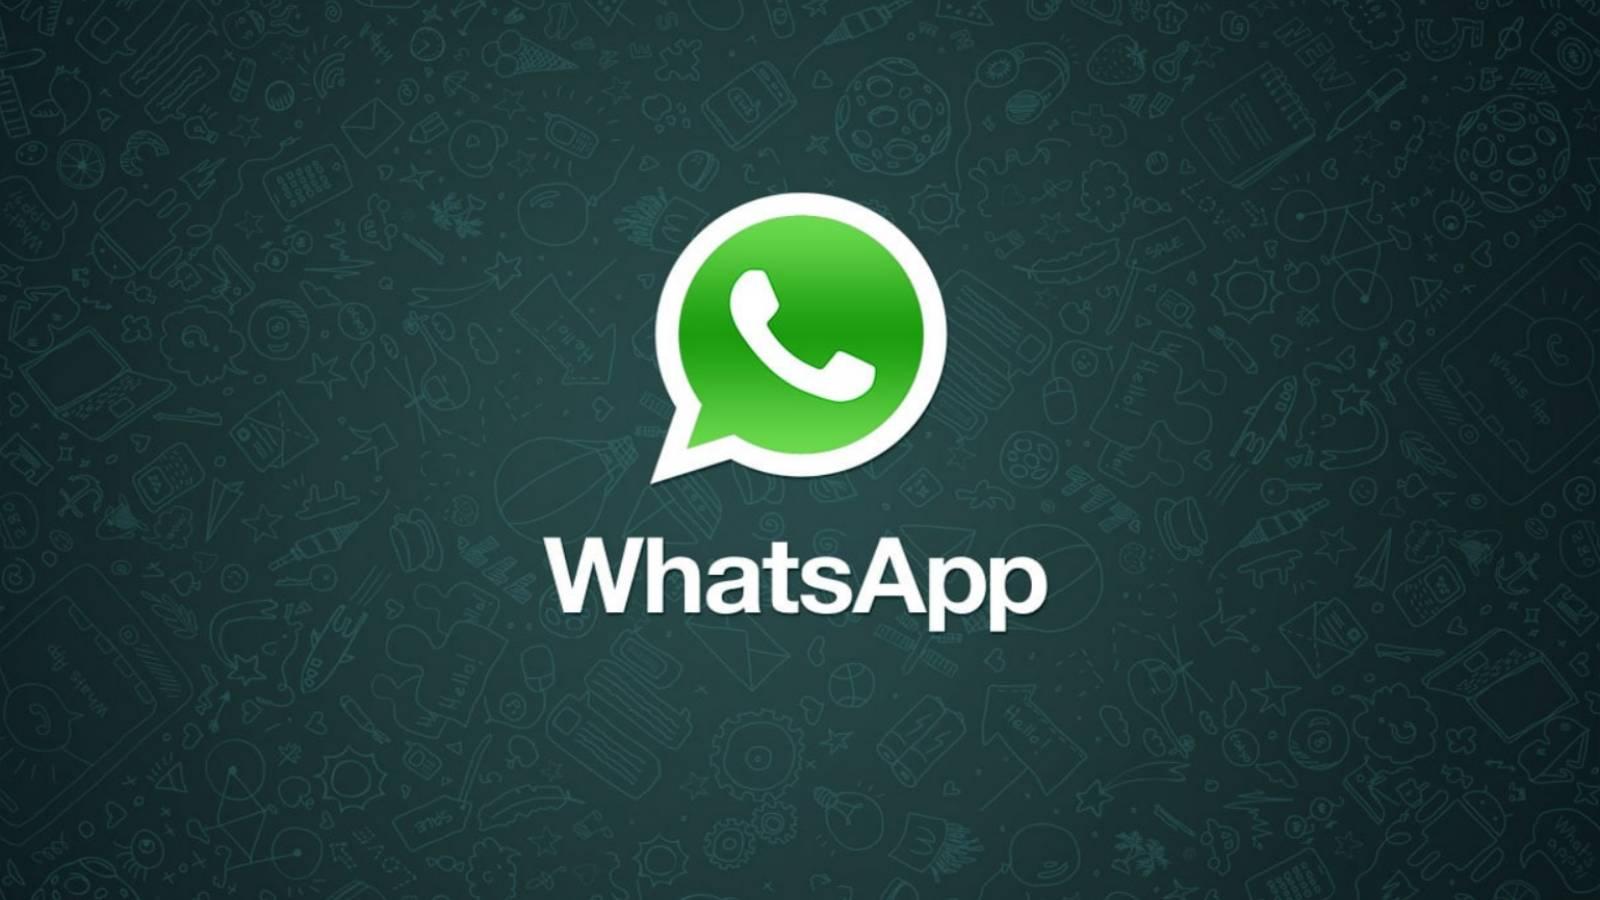 WhatsApp expirare